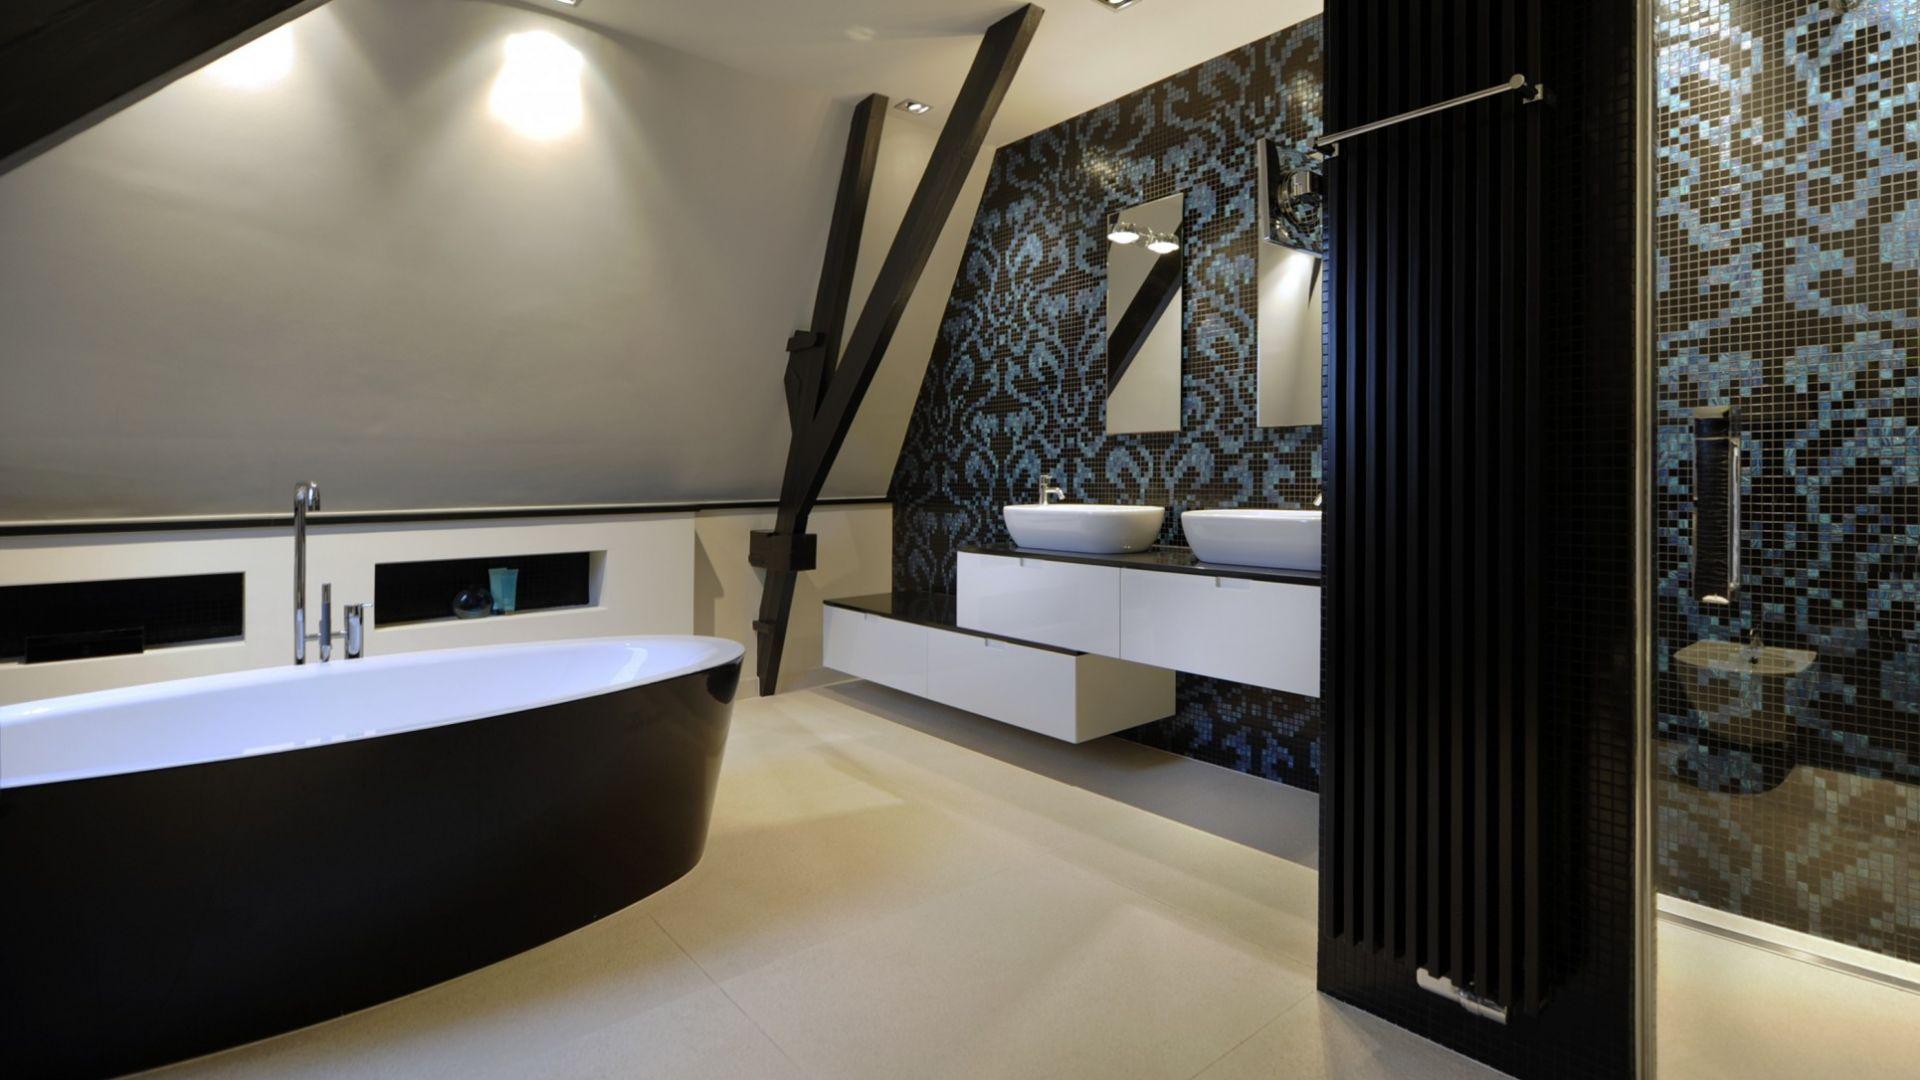 Aalbers badkamers behoort tot de 3e generatie aalbers badkamer